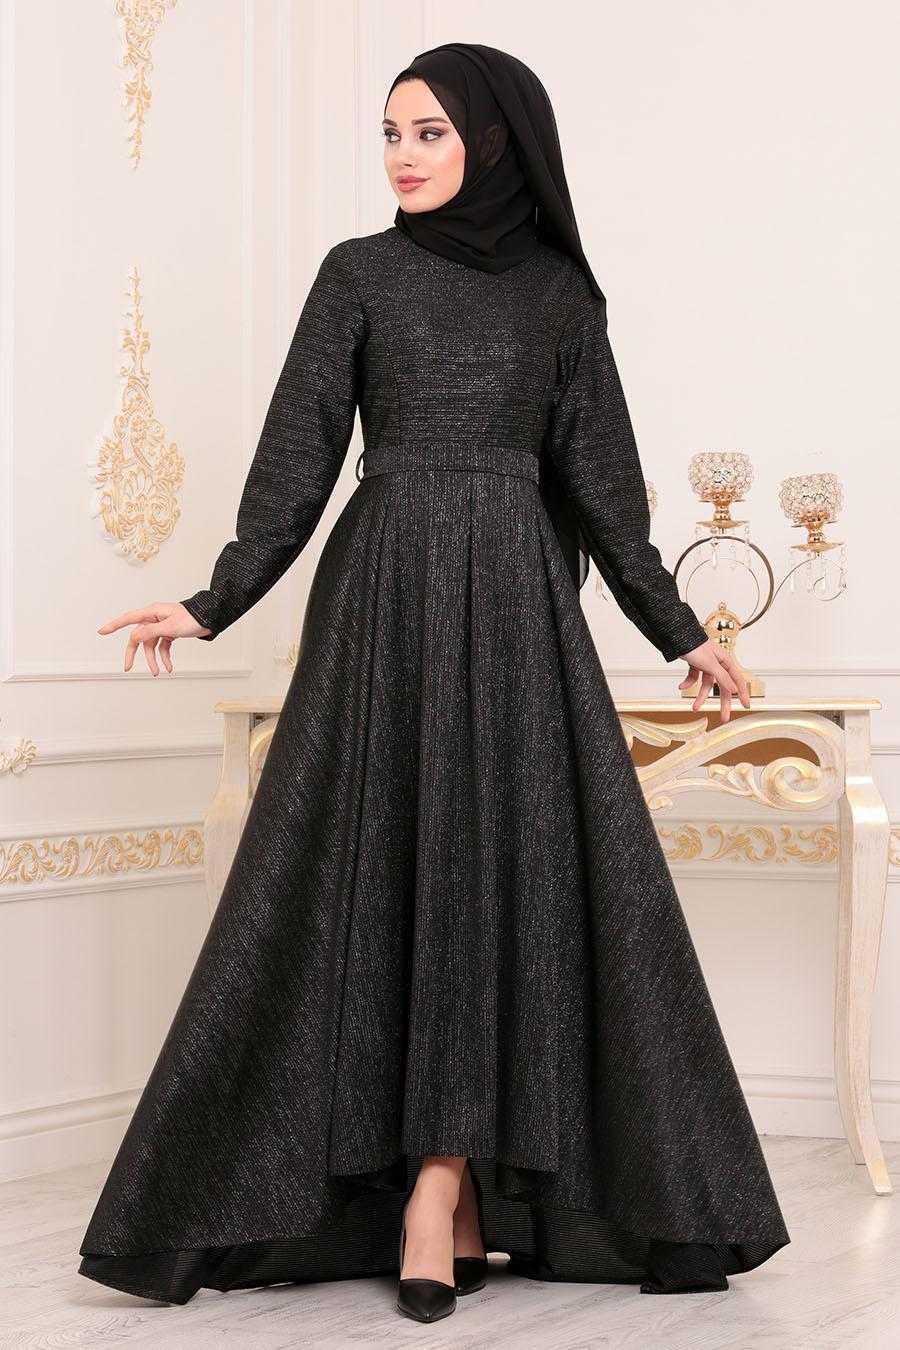 Nayla Collection Tesettür Kloş Elbise Modelleri